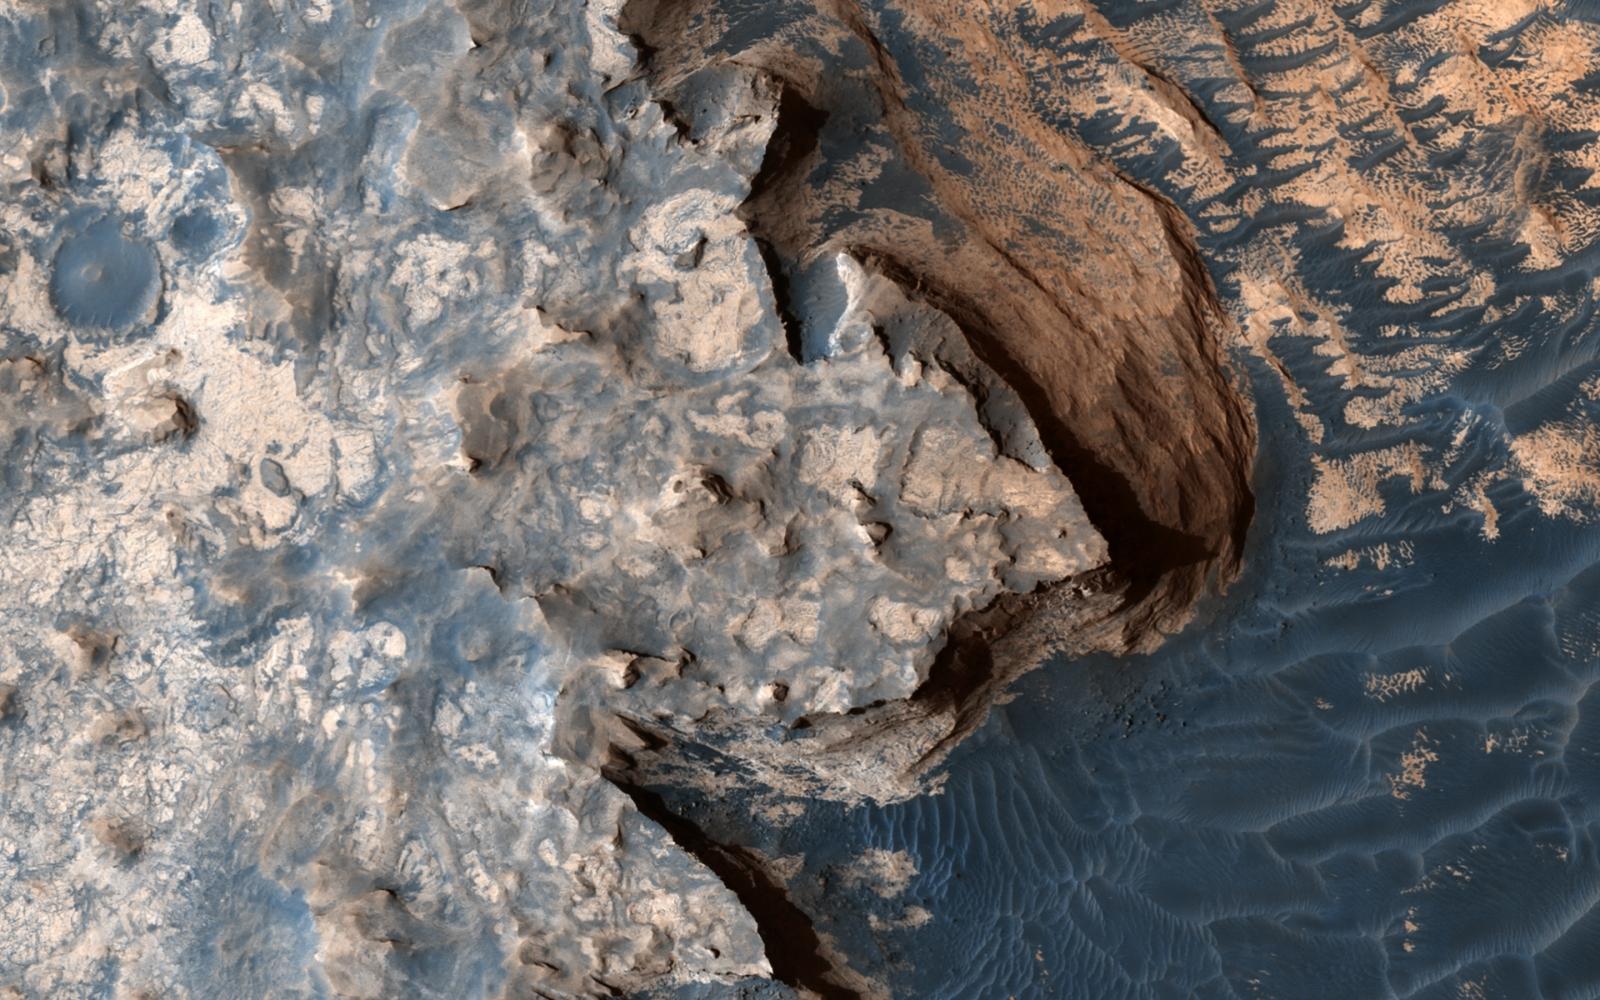 Martian dunes